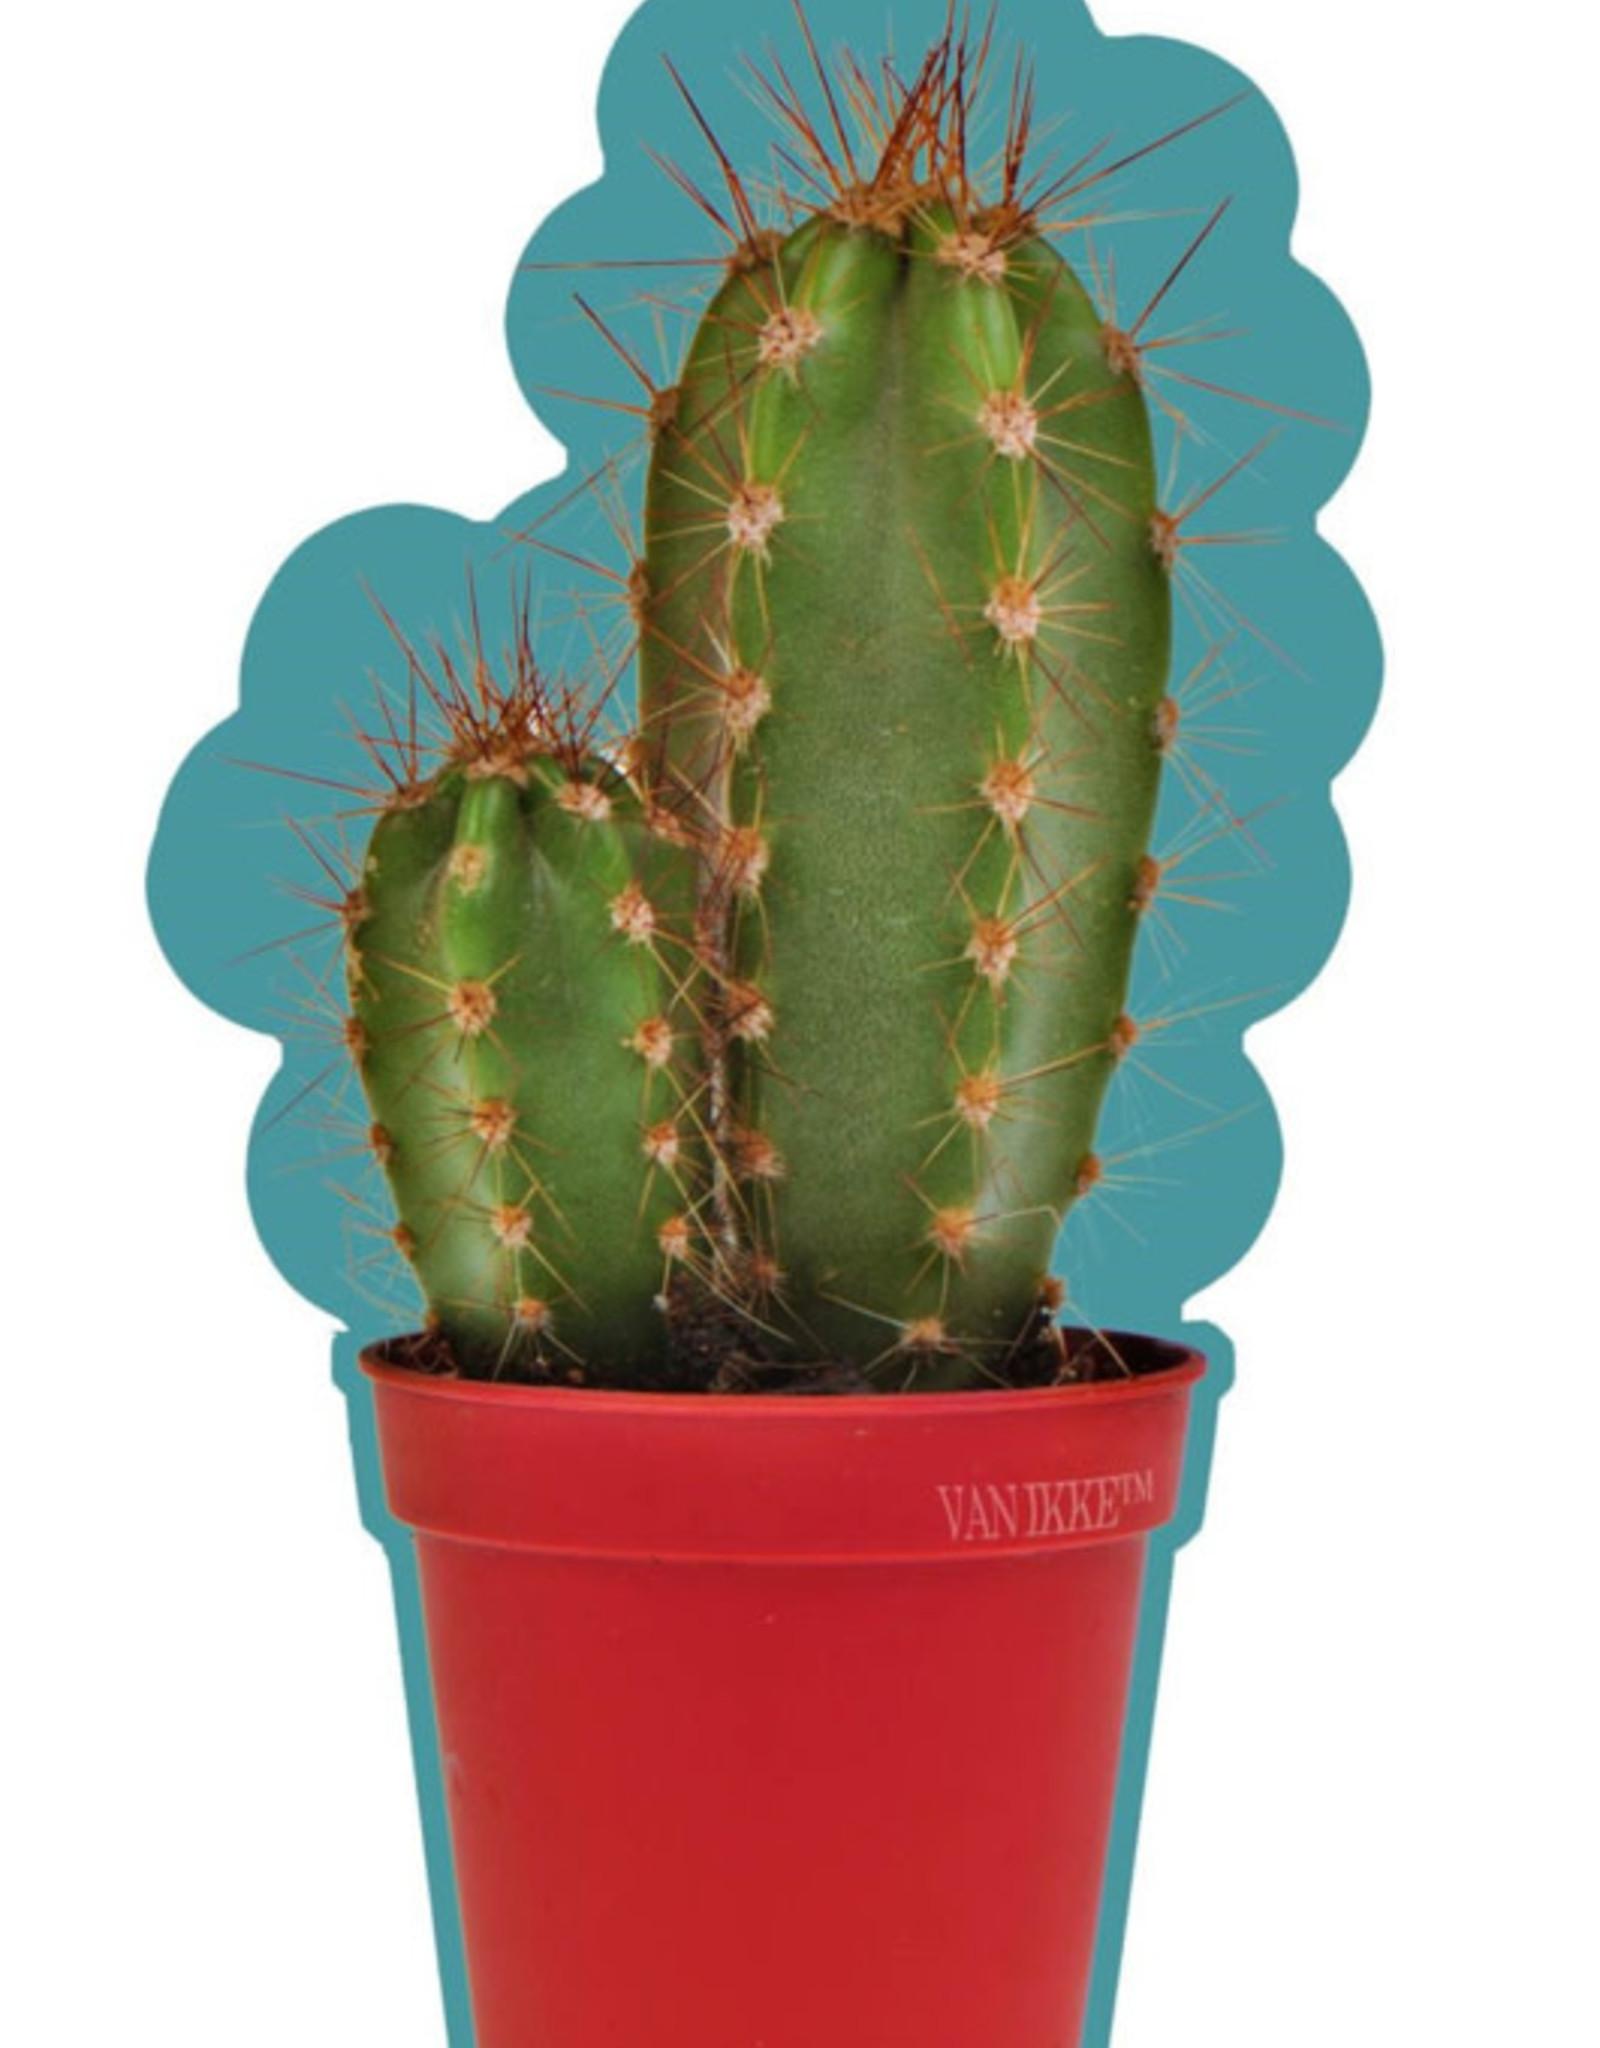 Van Ikke Van Ikke - Cactus